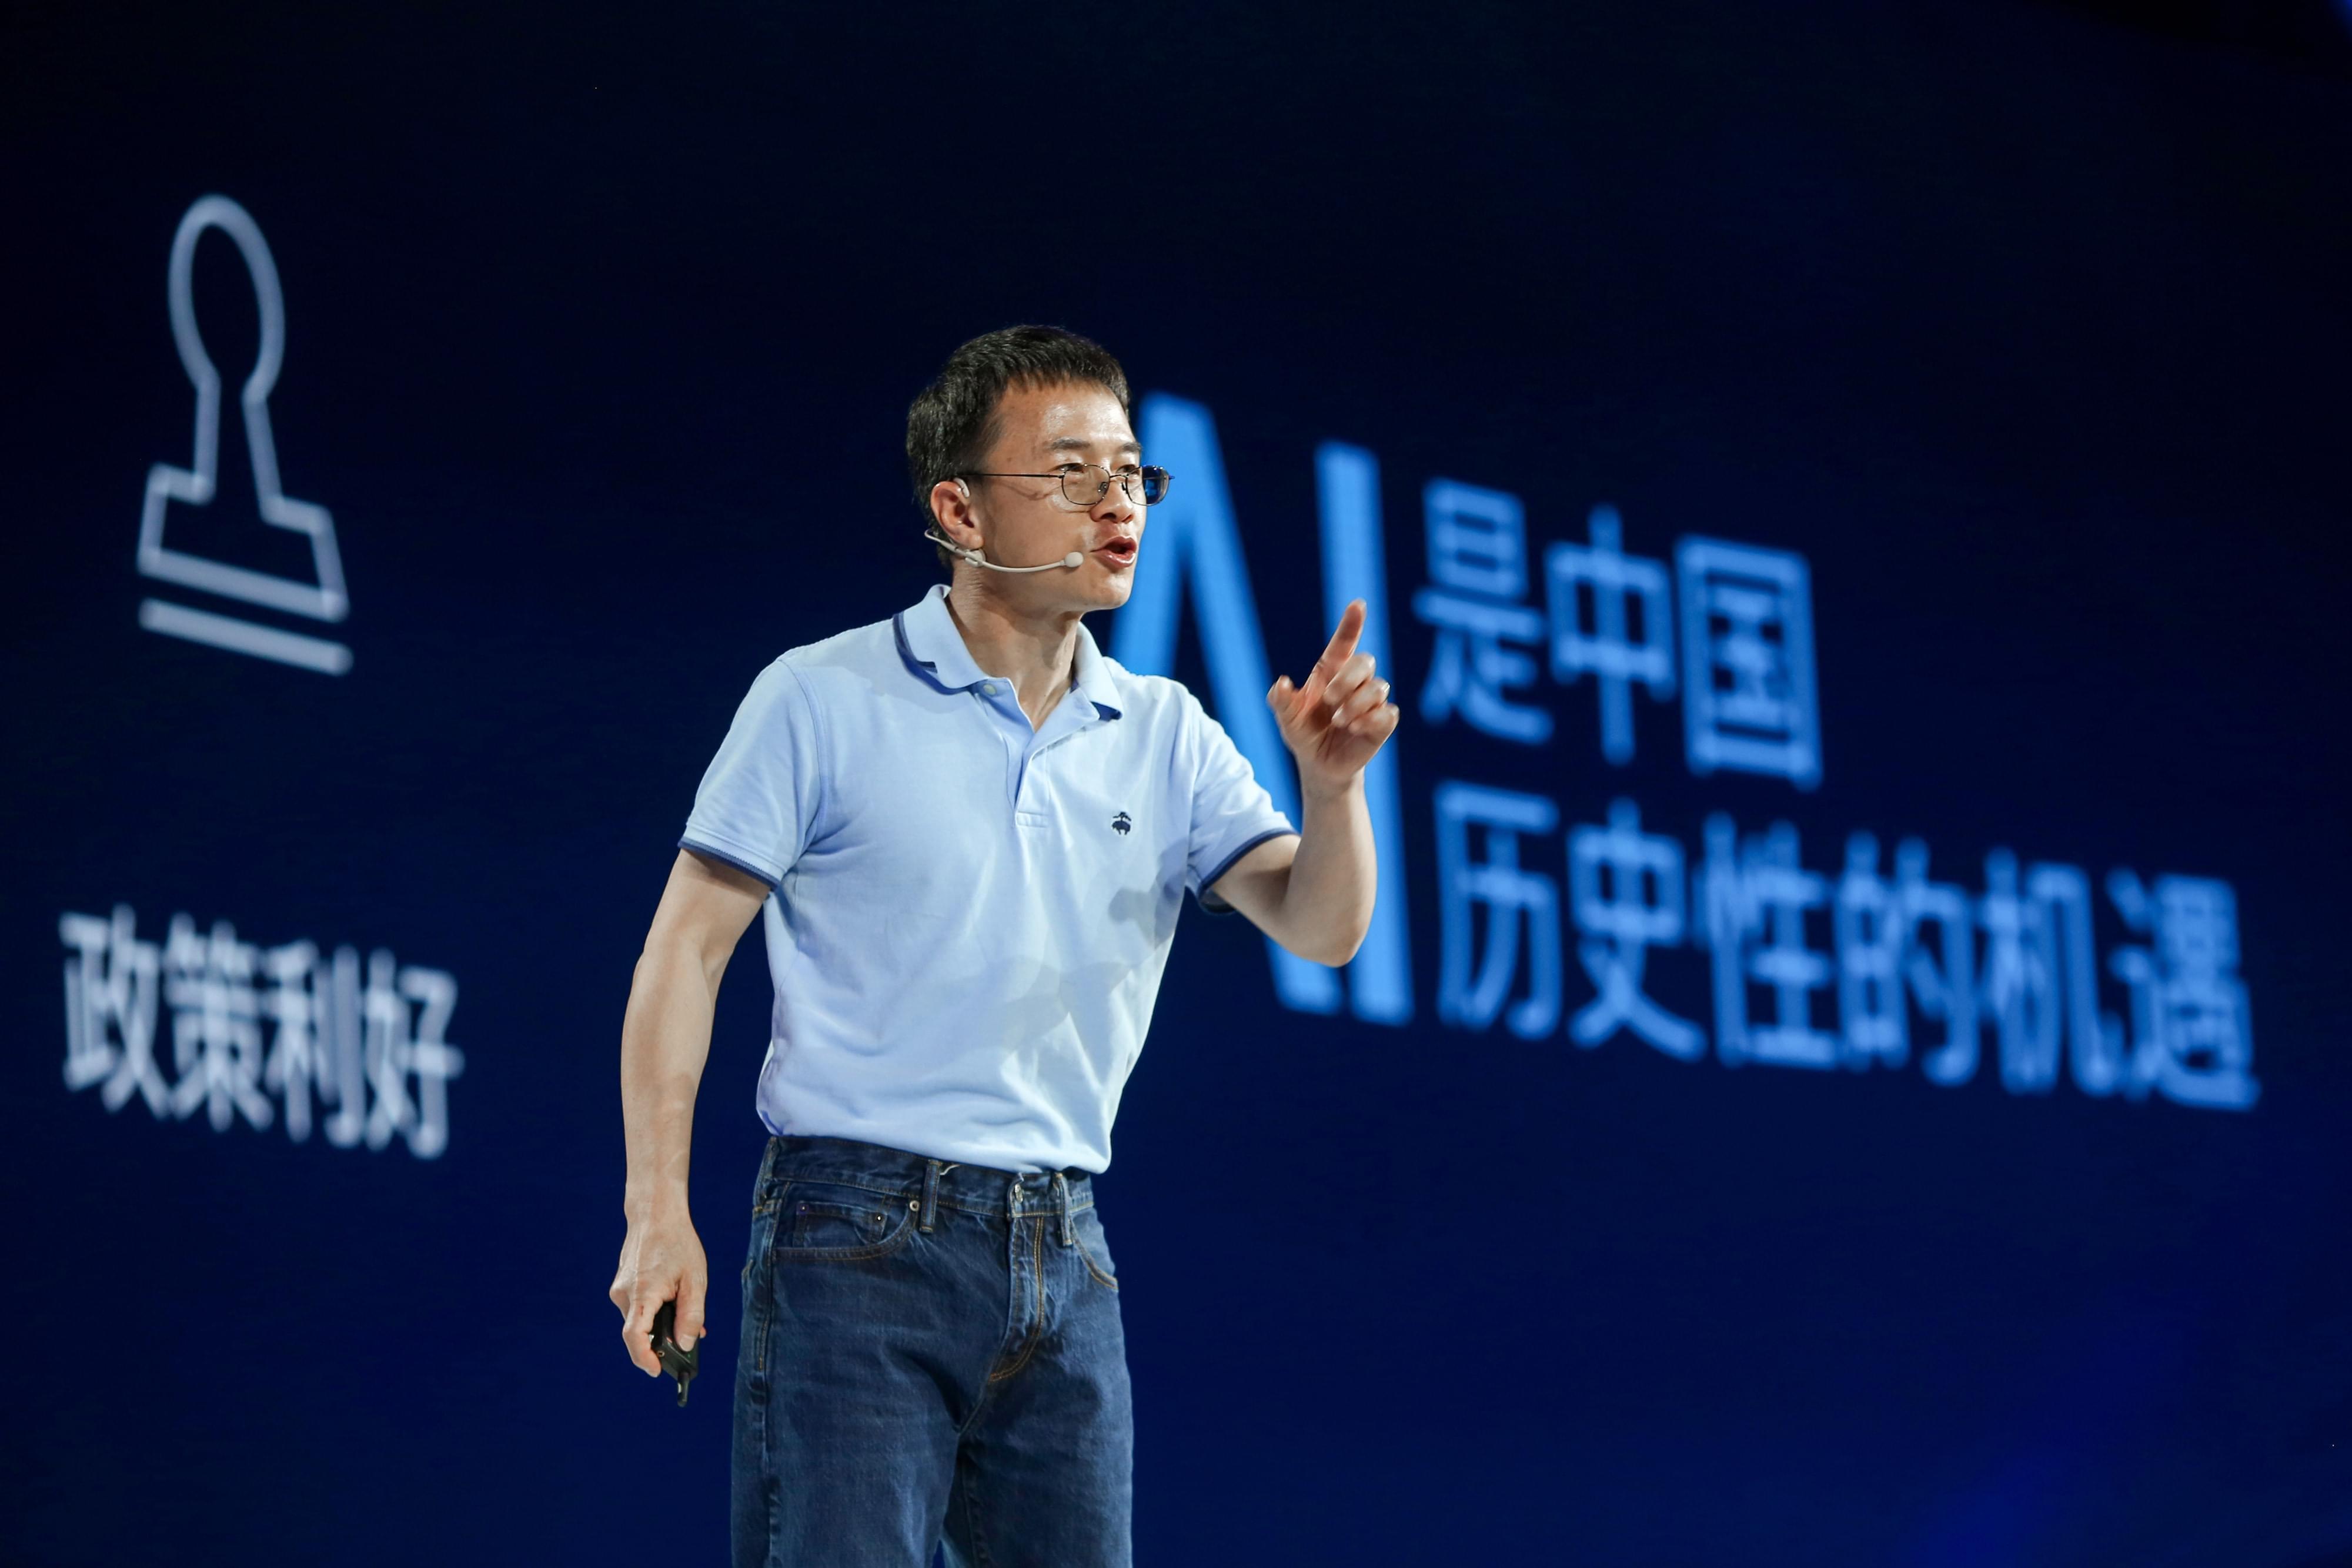 陆奇:43%AI技术论文华人撰写 中国有机会领先世界